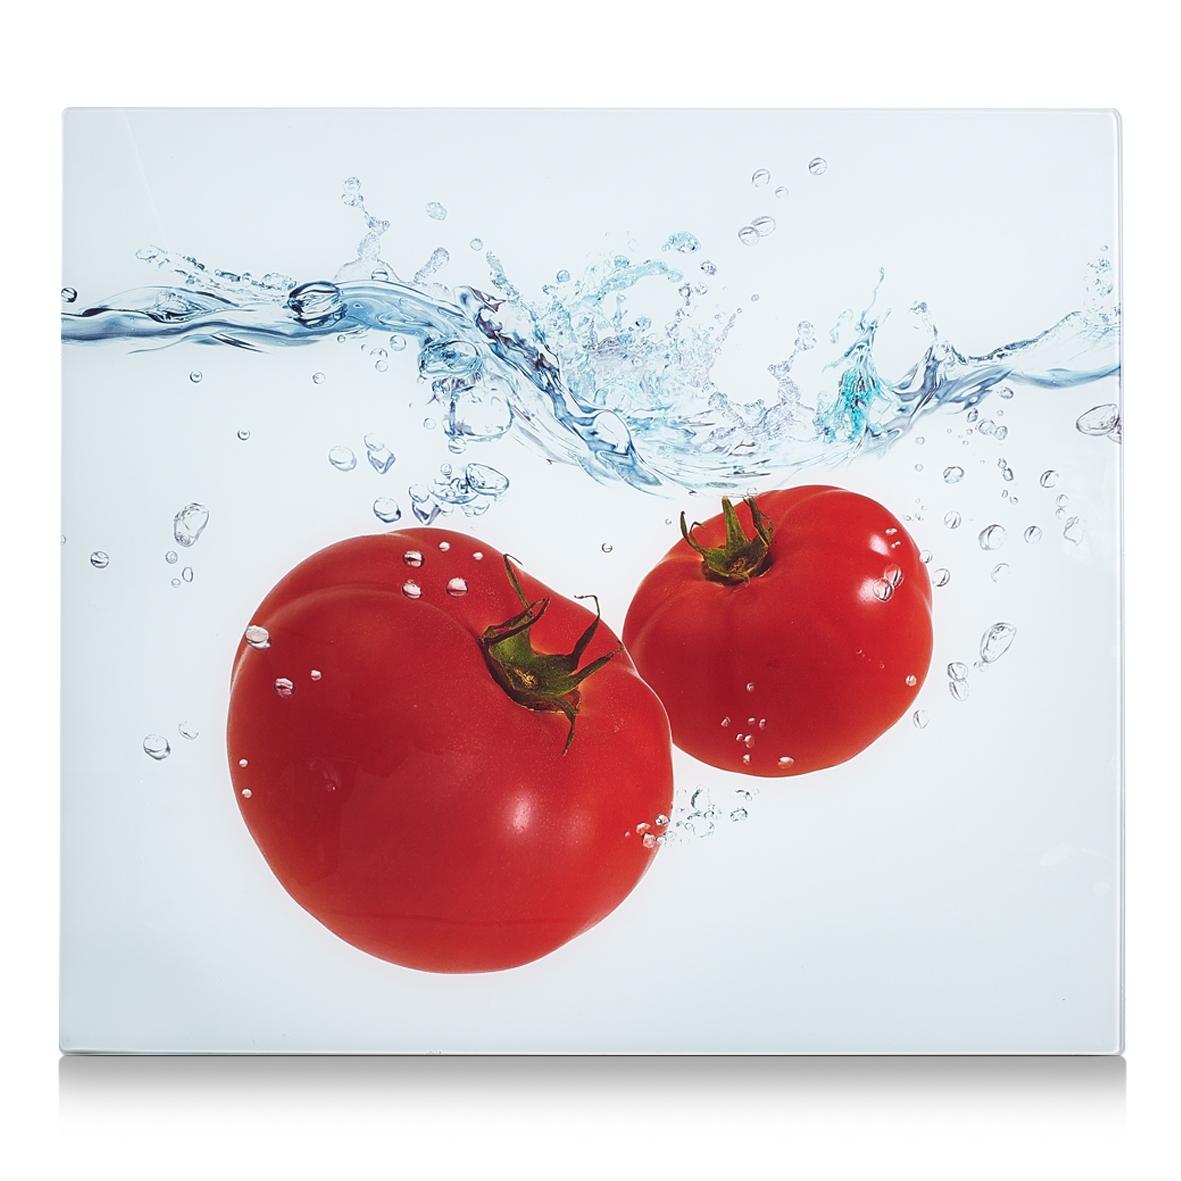 Placa din sticla protectie perete/plita, Tomato Splash, L56xl50 cm imagine